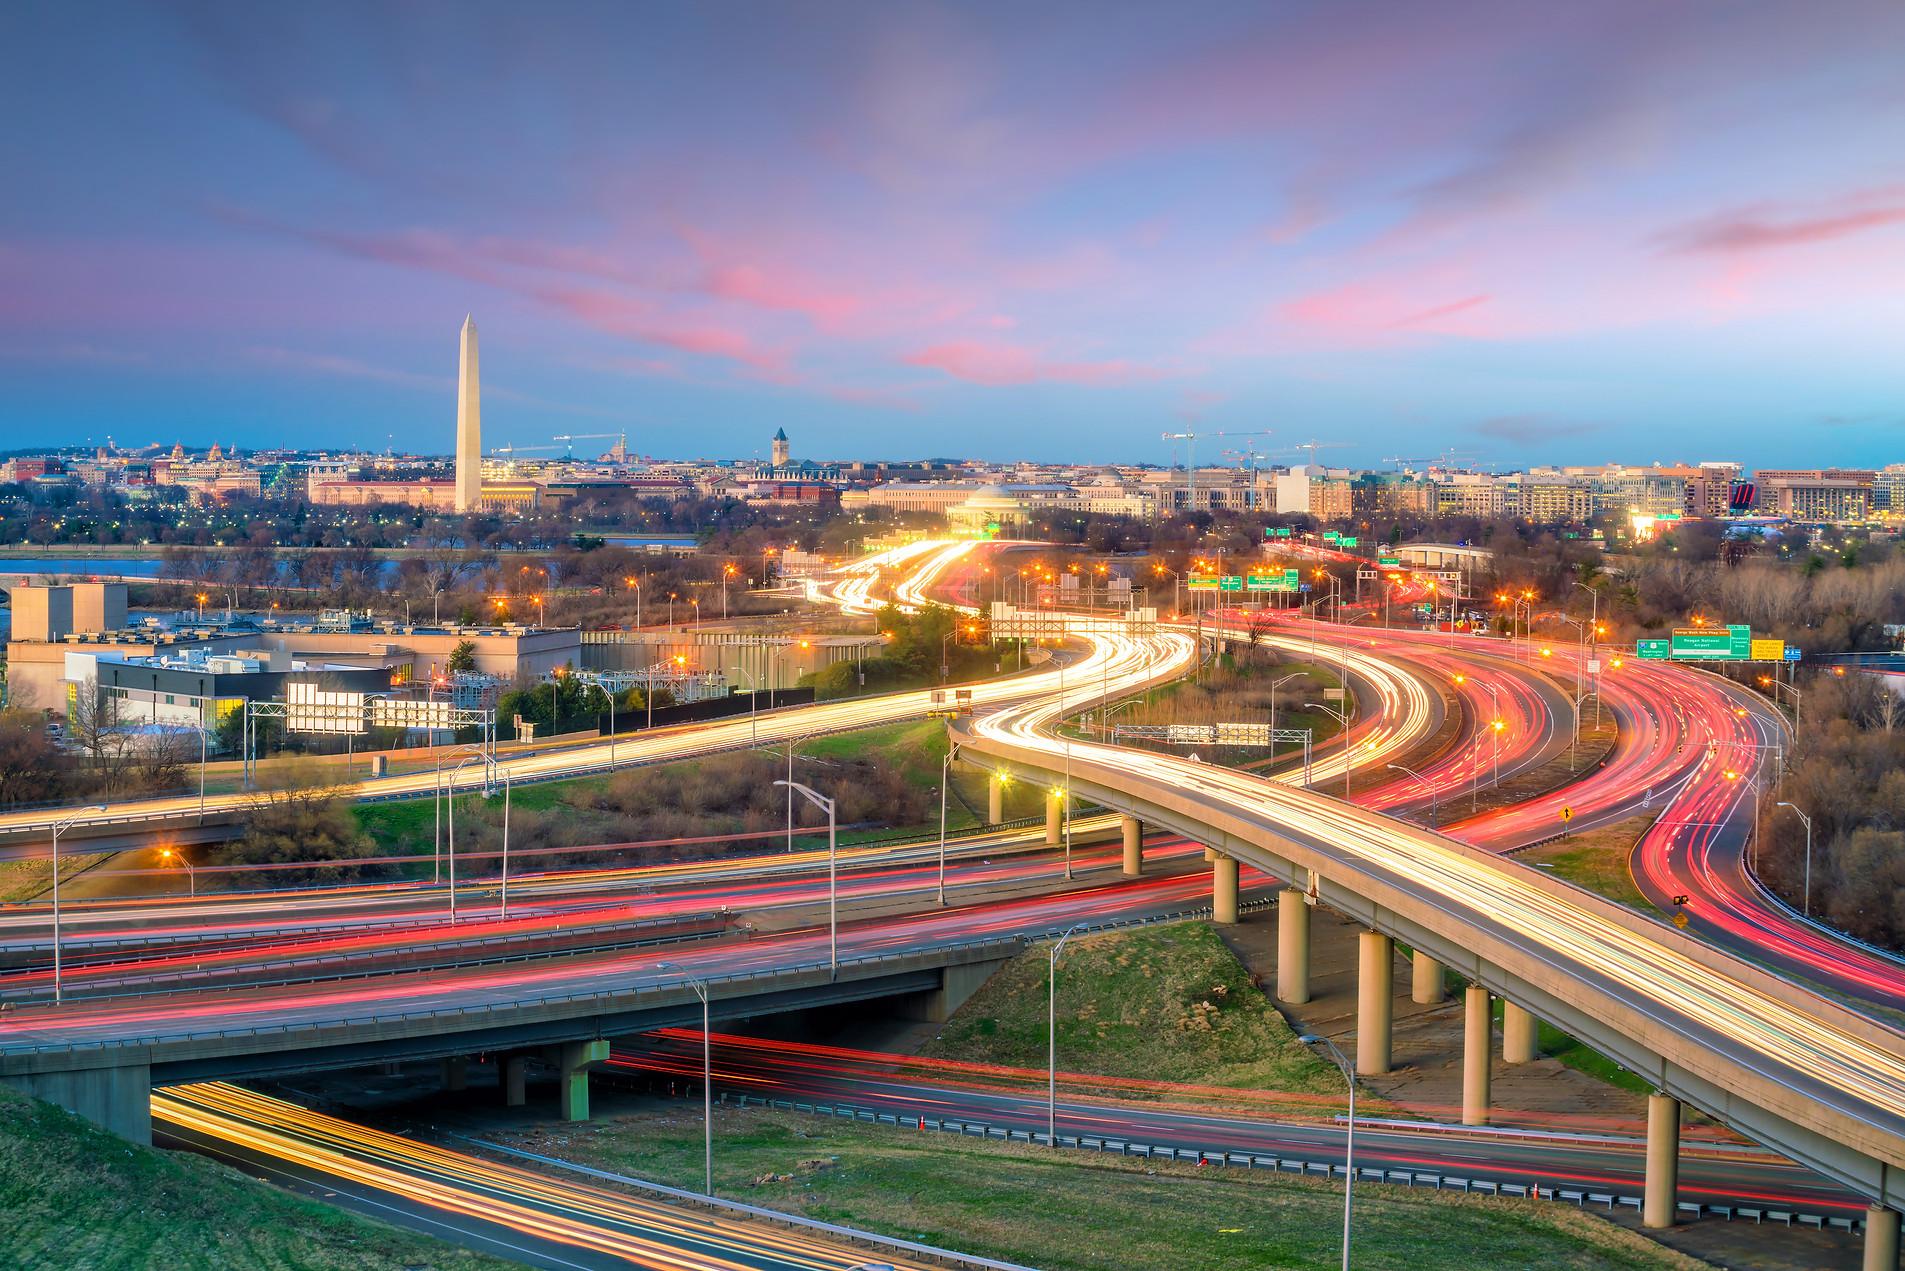 Washington, D.C. city skyline at twiligh